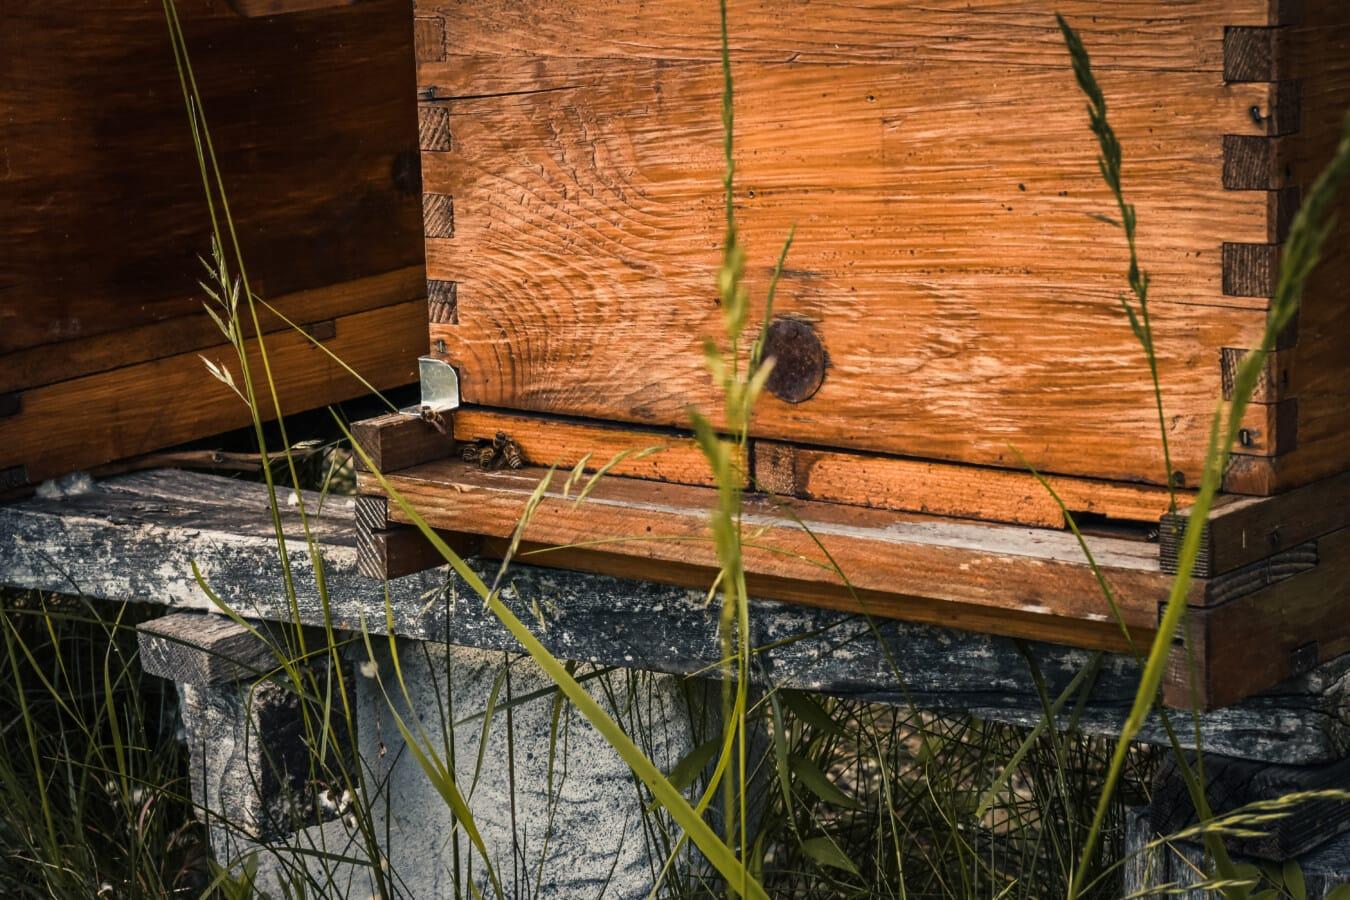 ruche, fermer, abeille, abeille, insecte, en bois, bois, nature, vieux, arbre